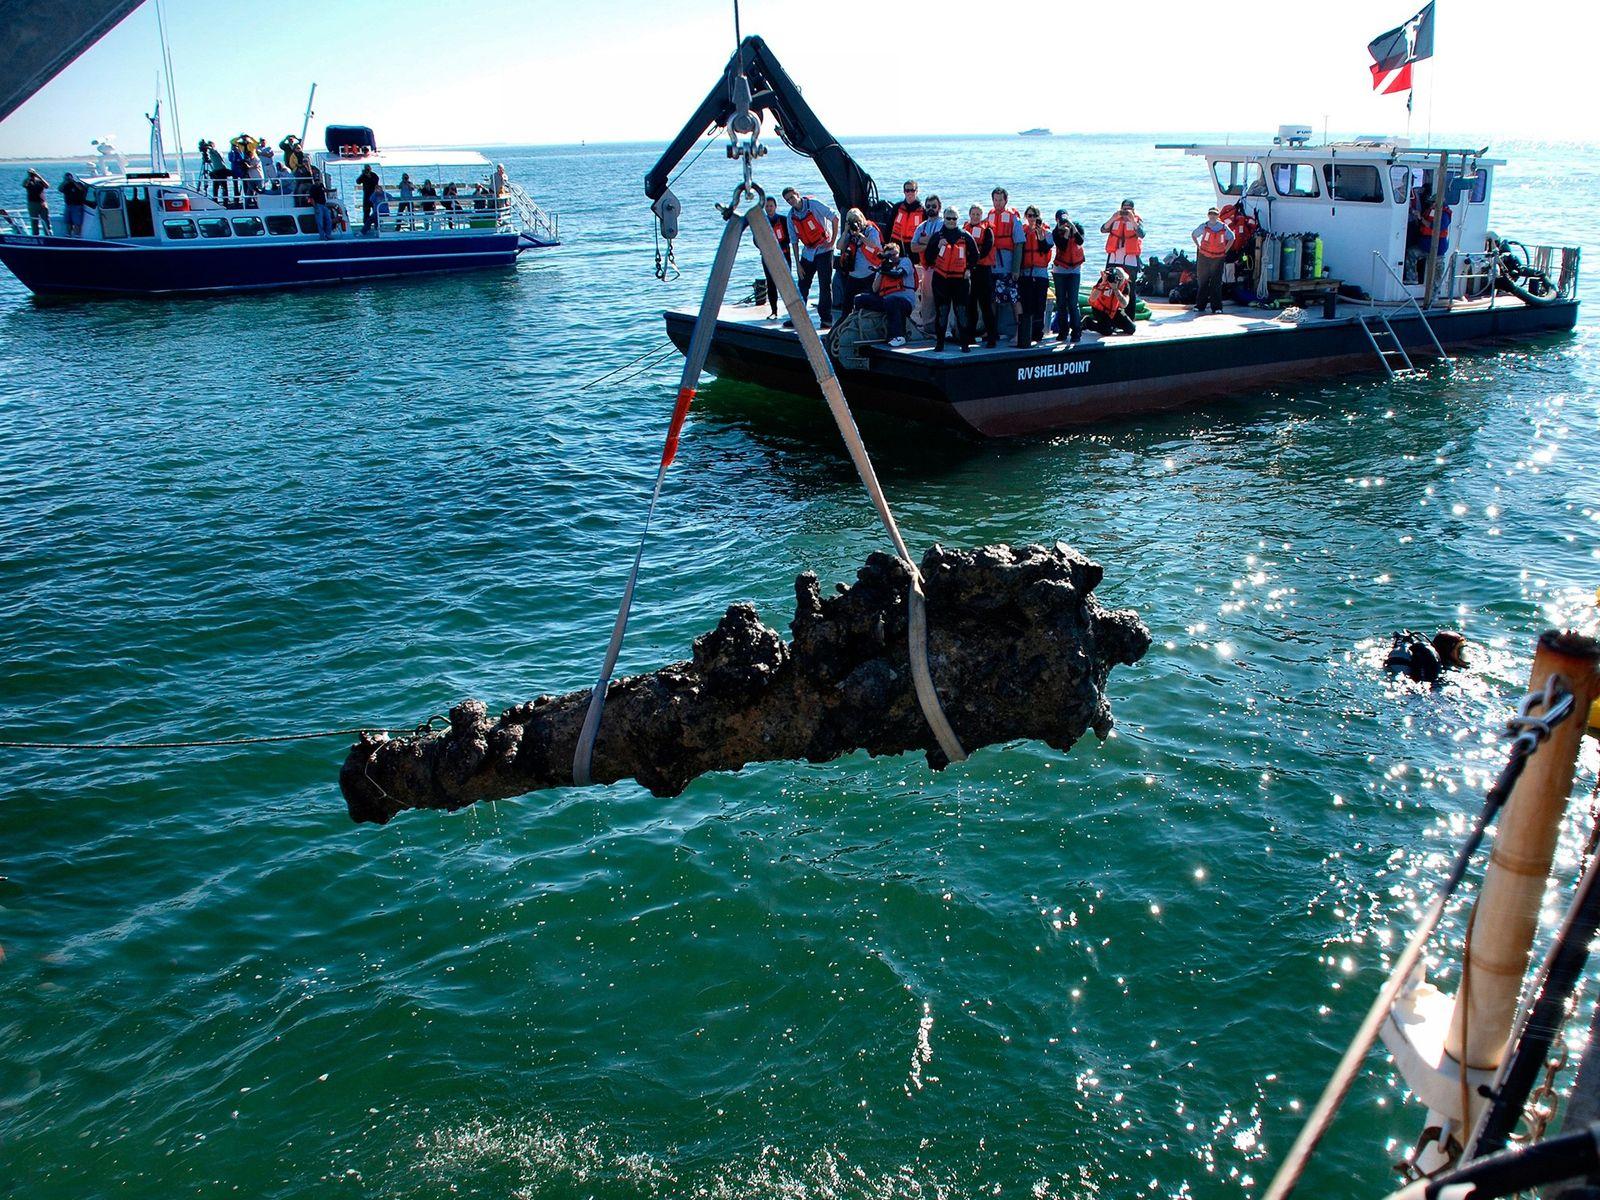 Die Entdeckung des berüchtigten Piratenschiffs Queen Anne's Revenge von Blackbeard vor der Küste von North Carolina ...